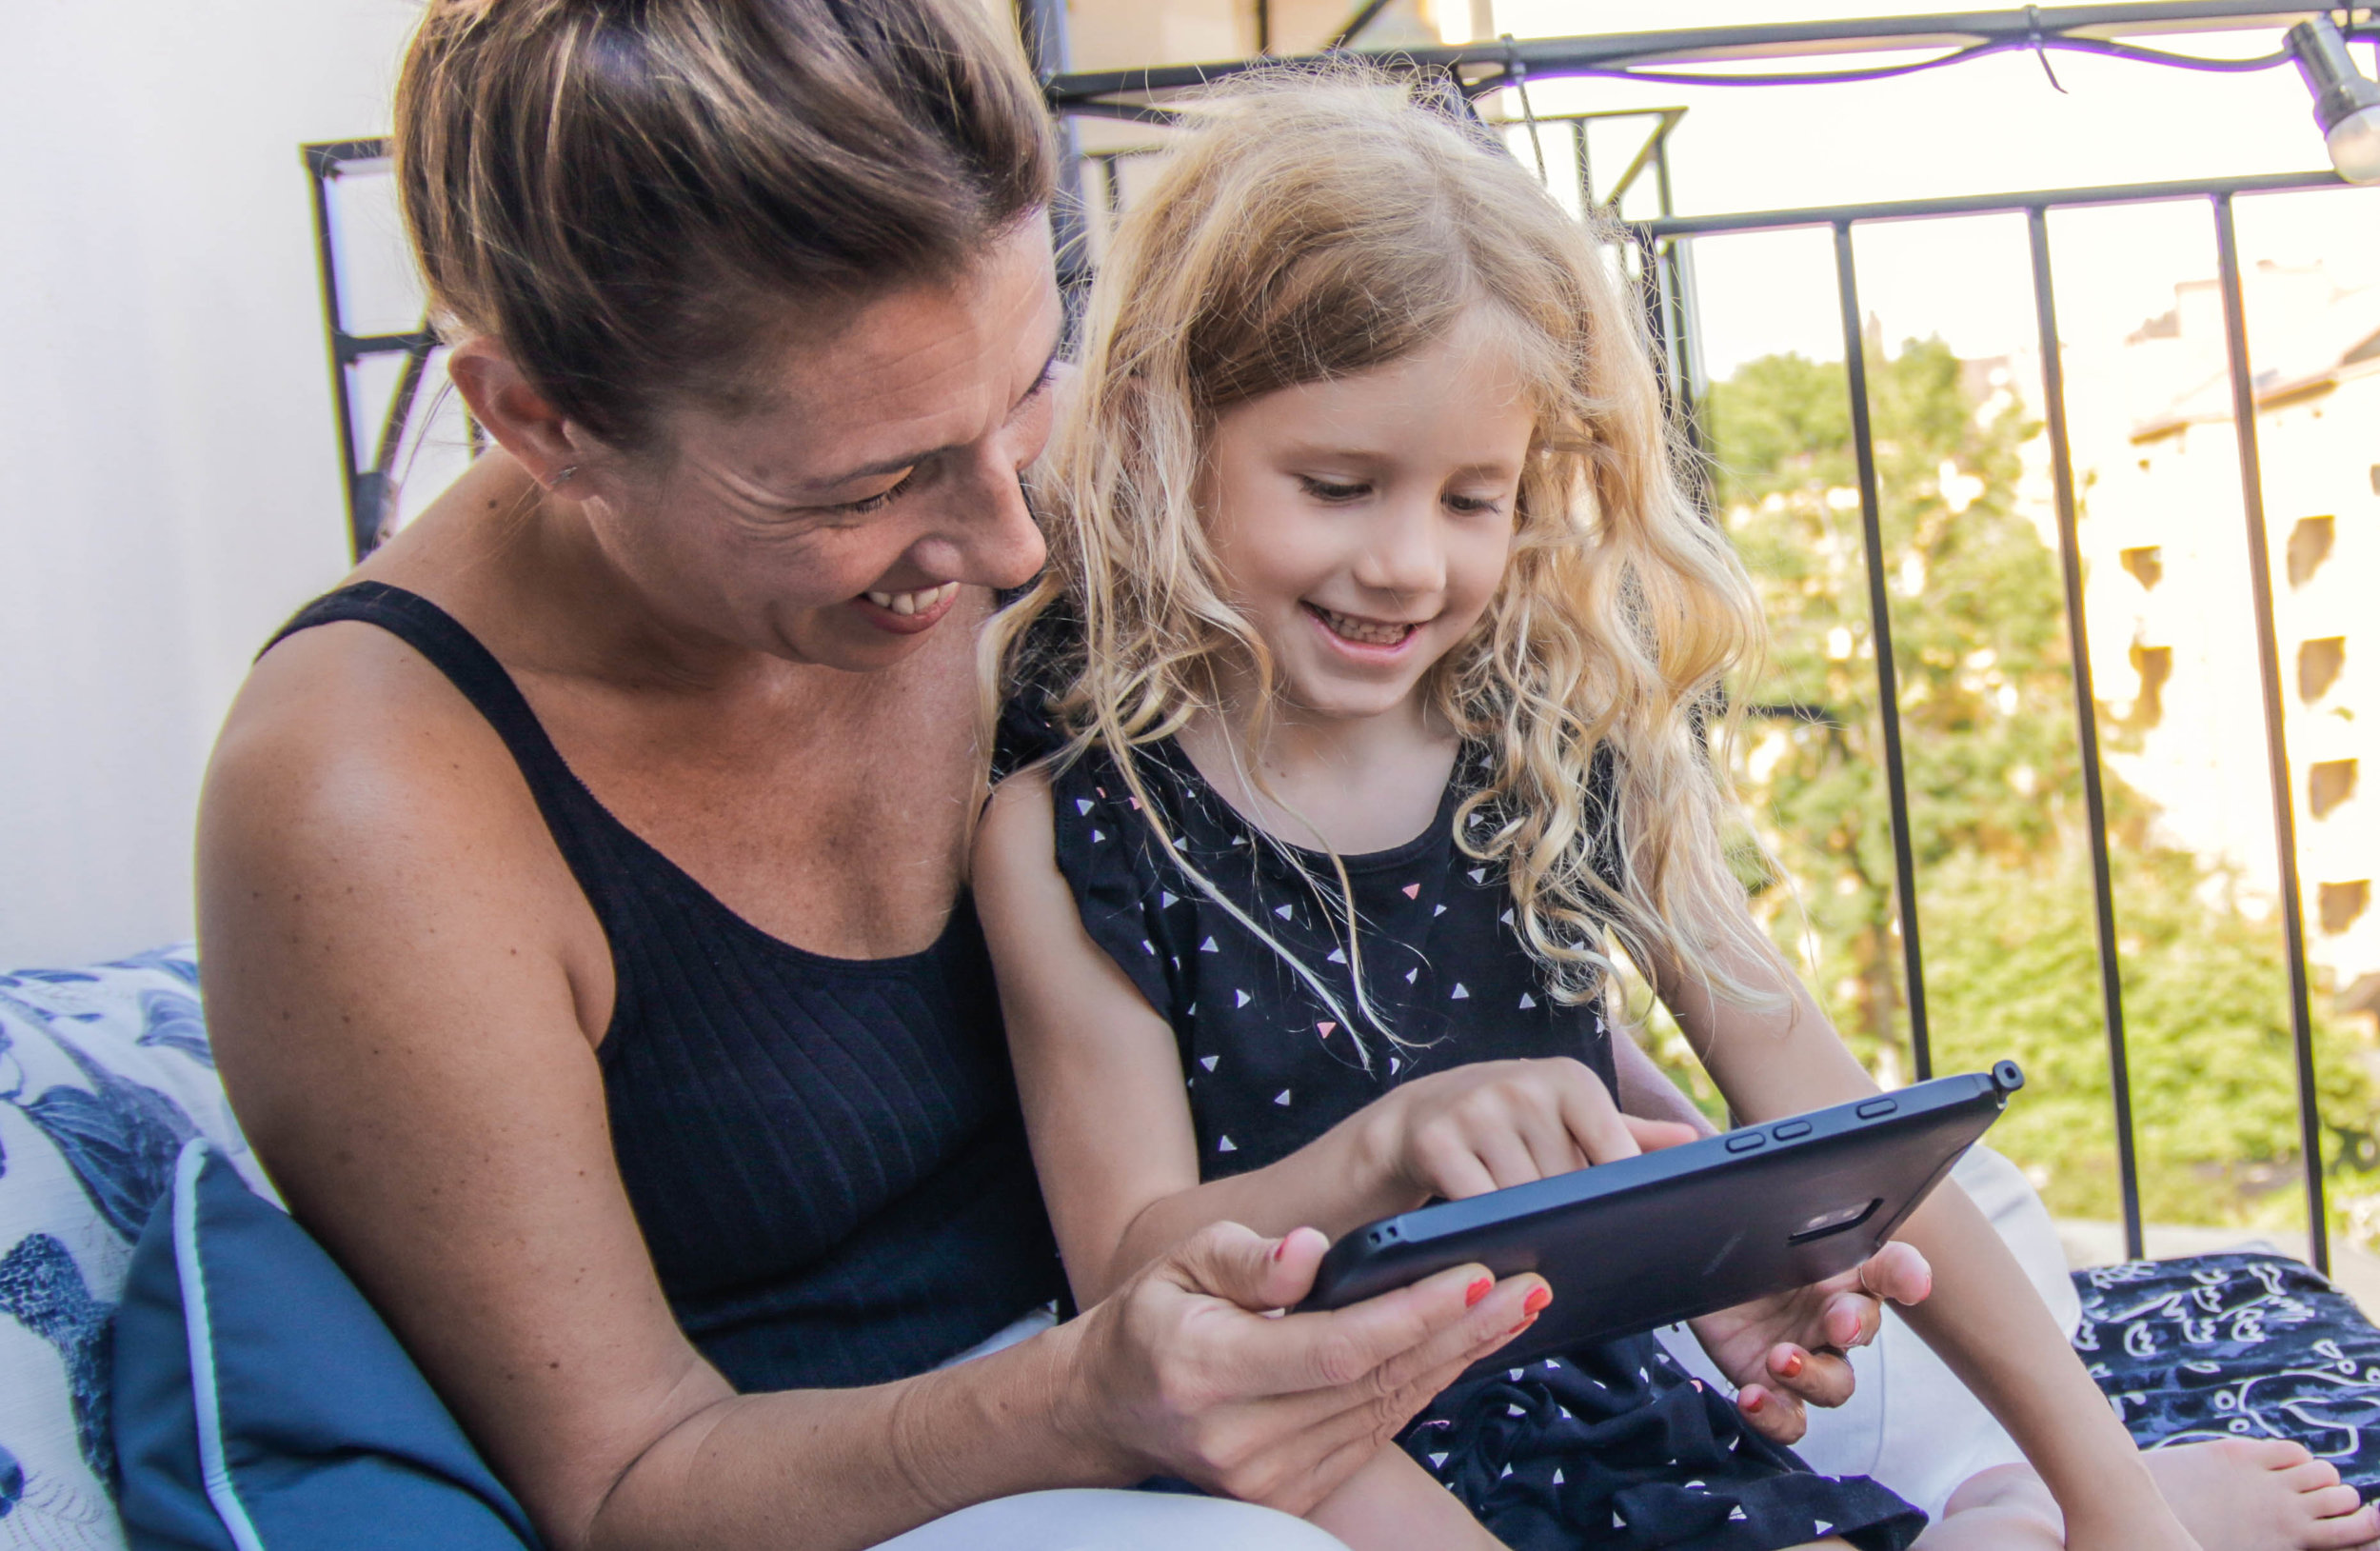 Dolores og datteren Bibbi har gjort lesetreningen til kvalitetstid med lesespillet Poio.